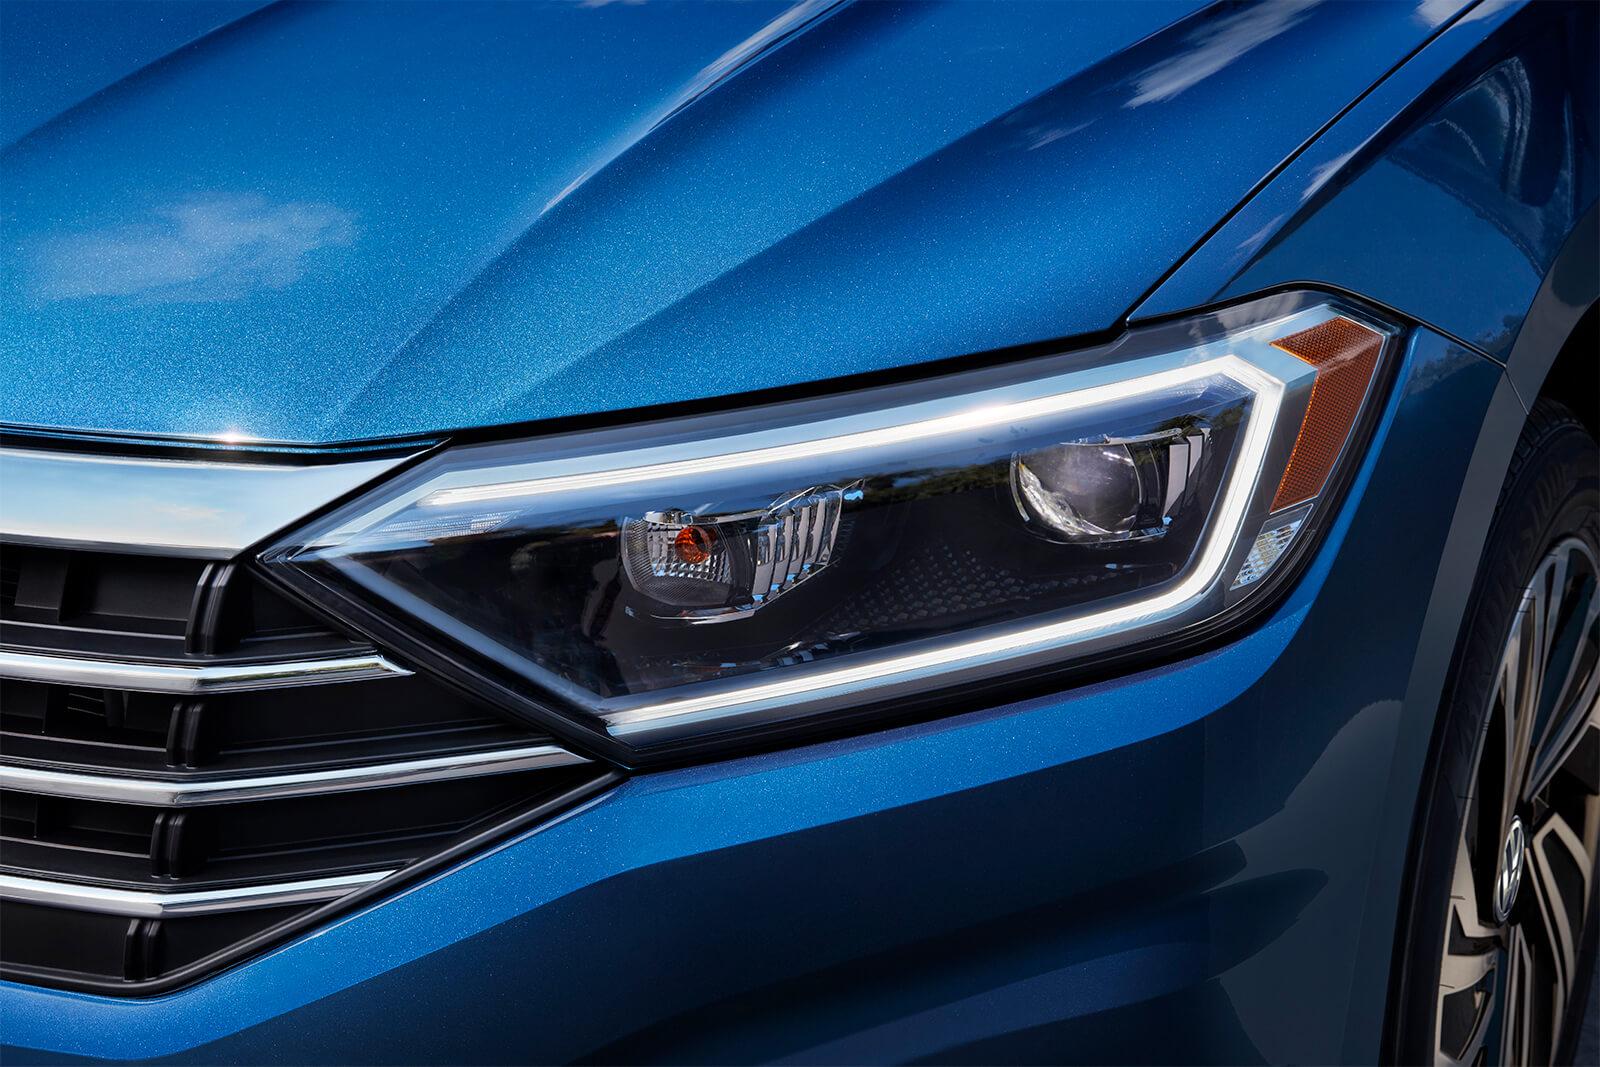 Las luces delanteras LED del Volkswagen Jetta 2019 son deportivas y sofisticadas